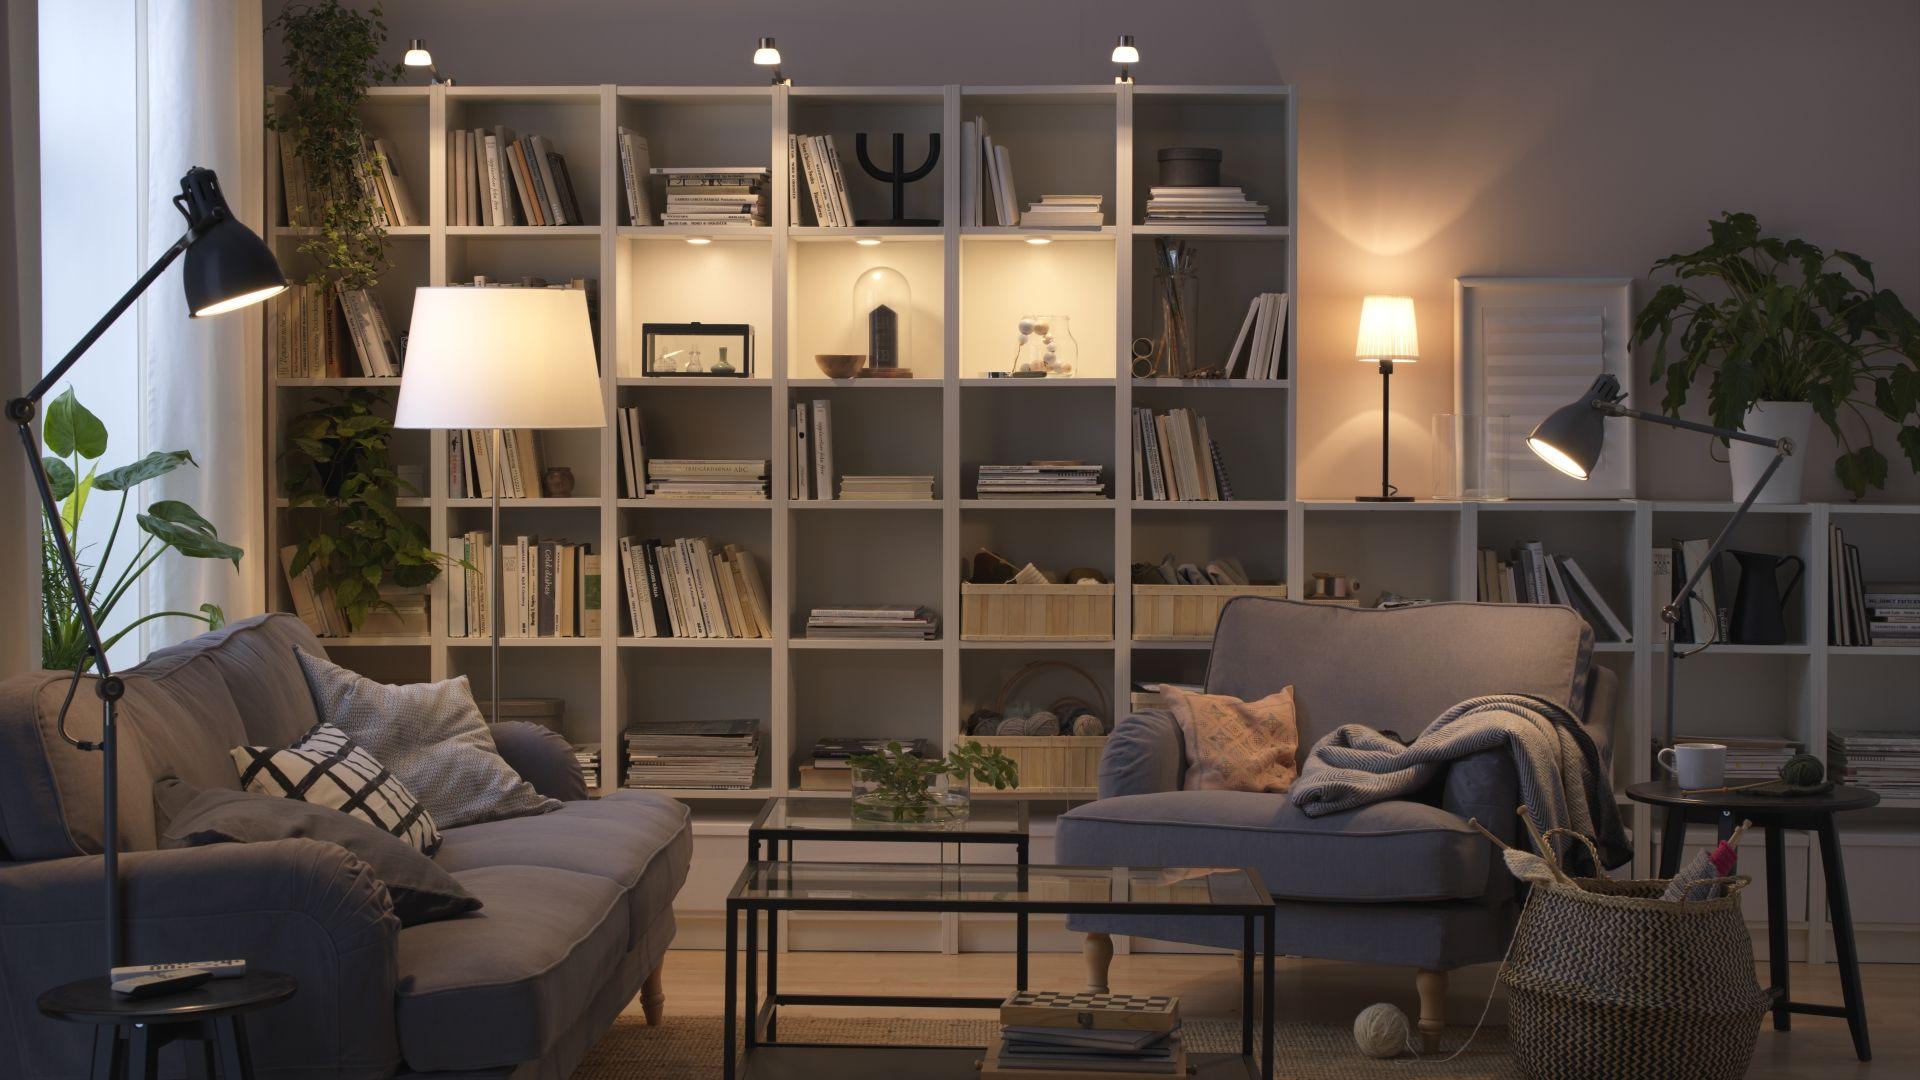 Ikea Billy Inspiratie : Billy kast ikea ikeanederland inspiratie wooninspiratie